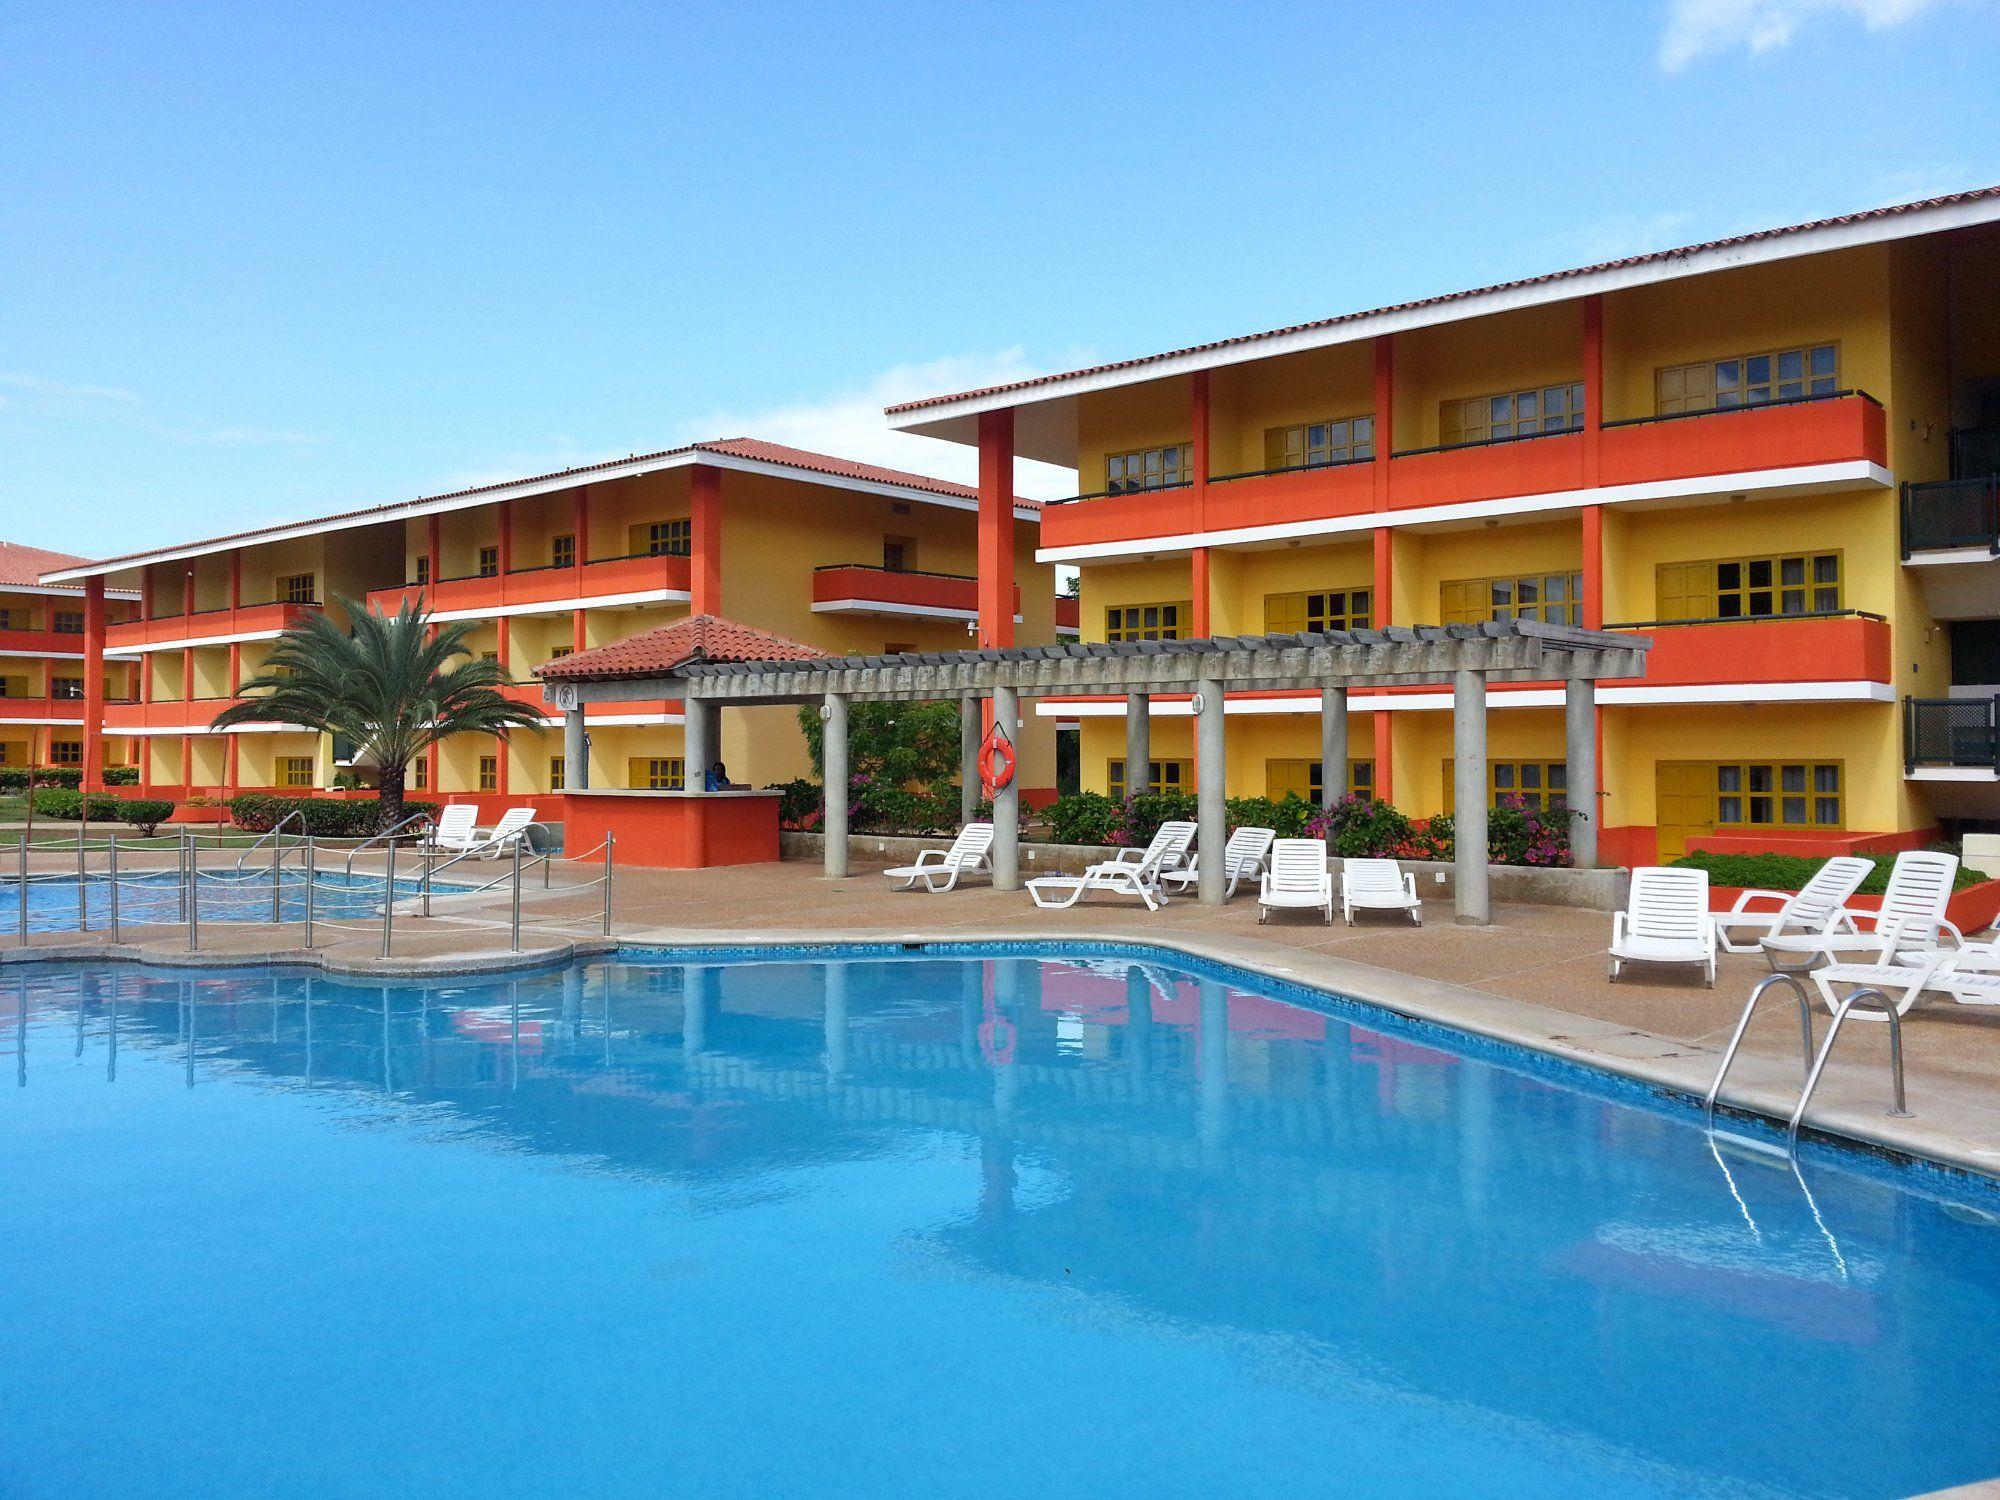 Sunsol Ecoland Beach Resort Pedro González Venezuela Opiniones Y Comparación De Precios Resort Todo Inclui Venezuela Isla Margarita Venezuela Hoteles